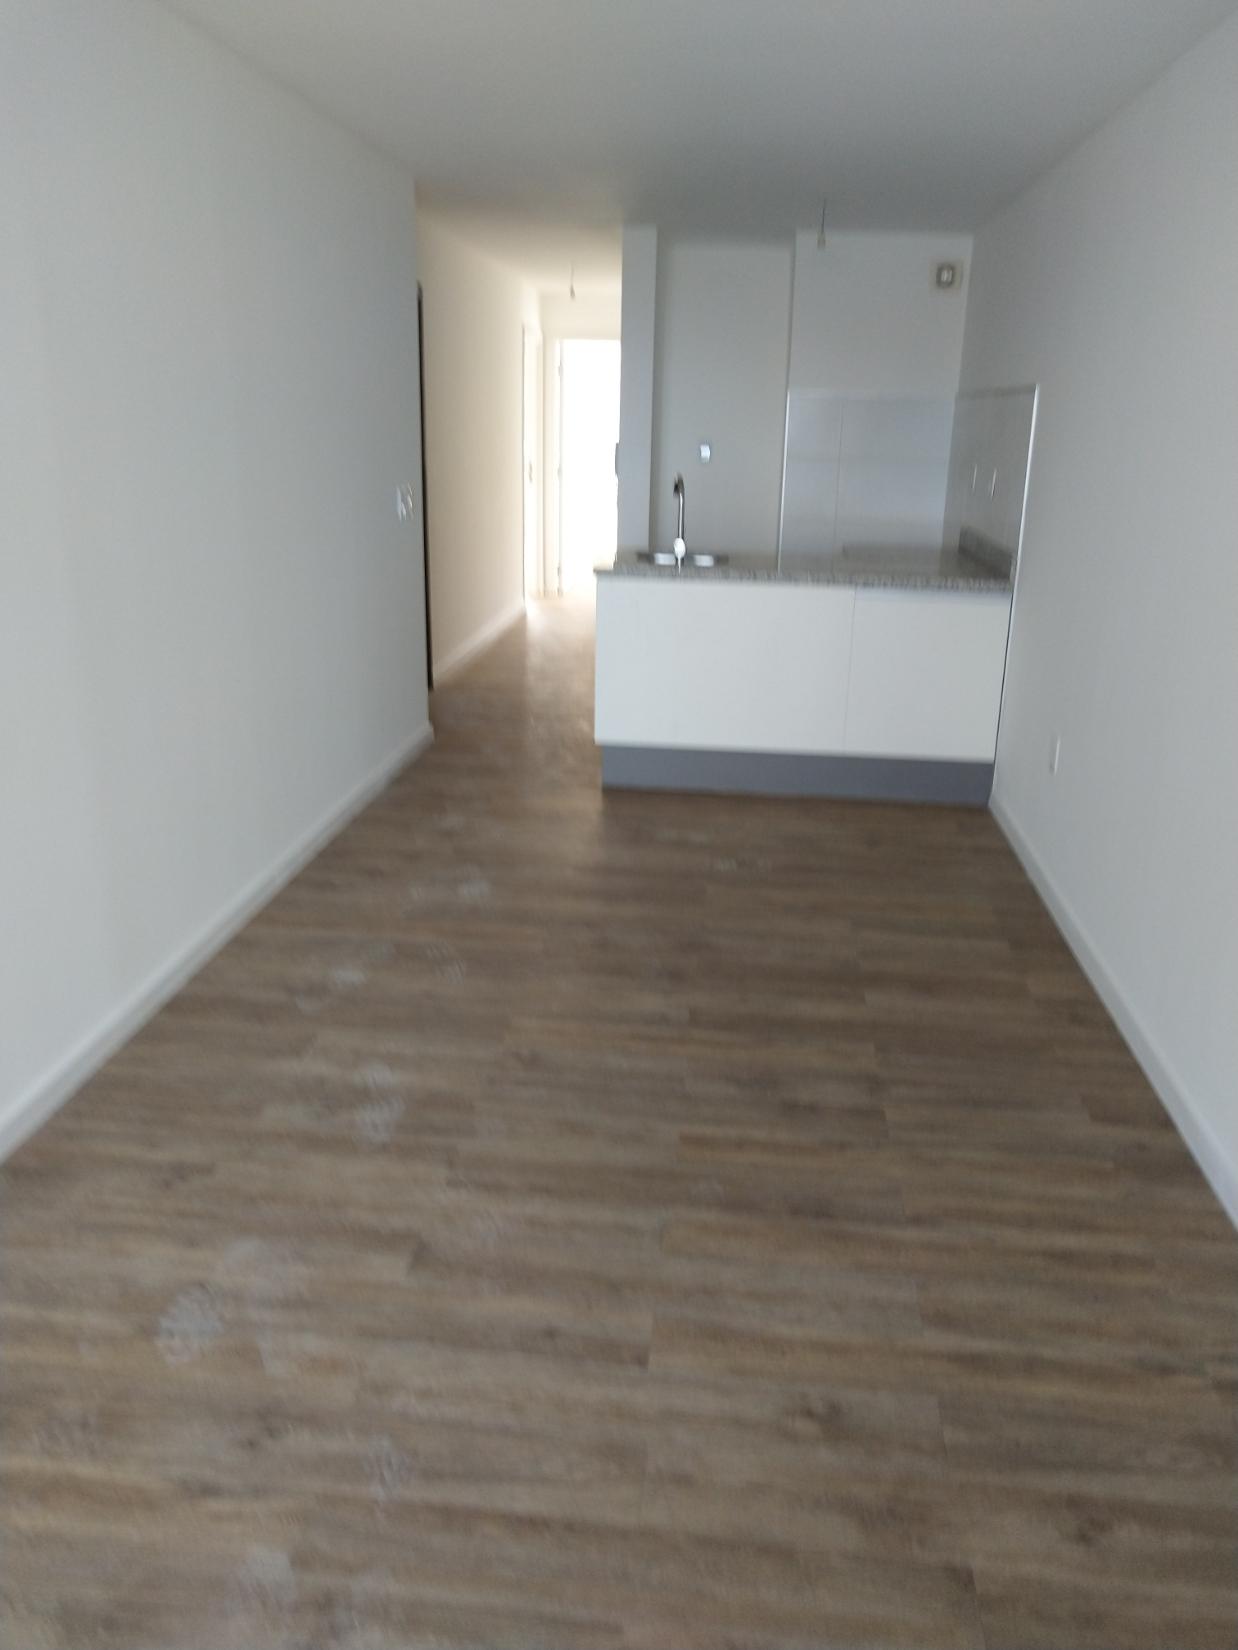 Venta - 1 Dormitorio - Nuevo - Lift Cordon Con Renta